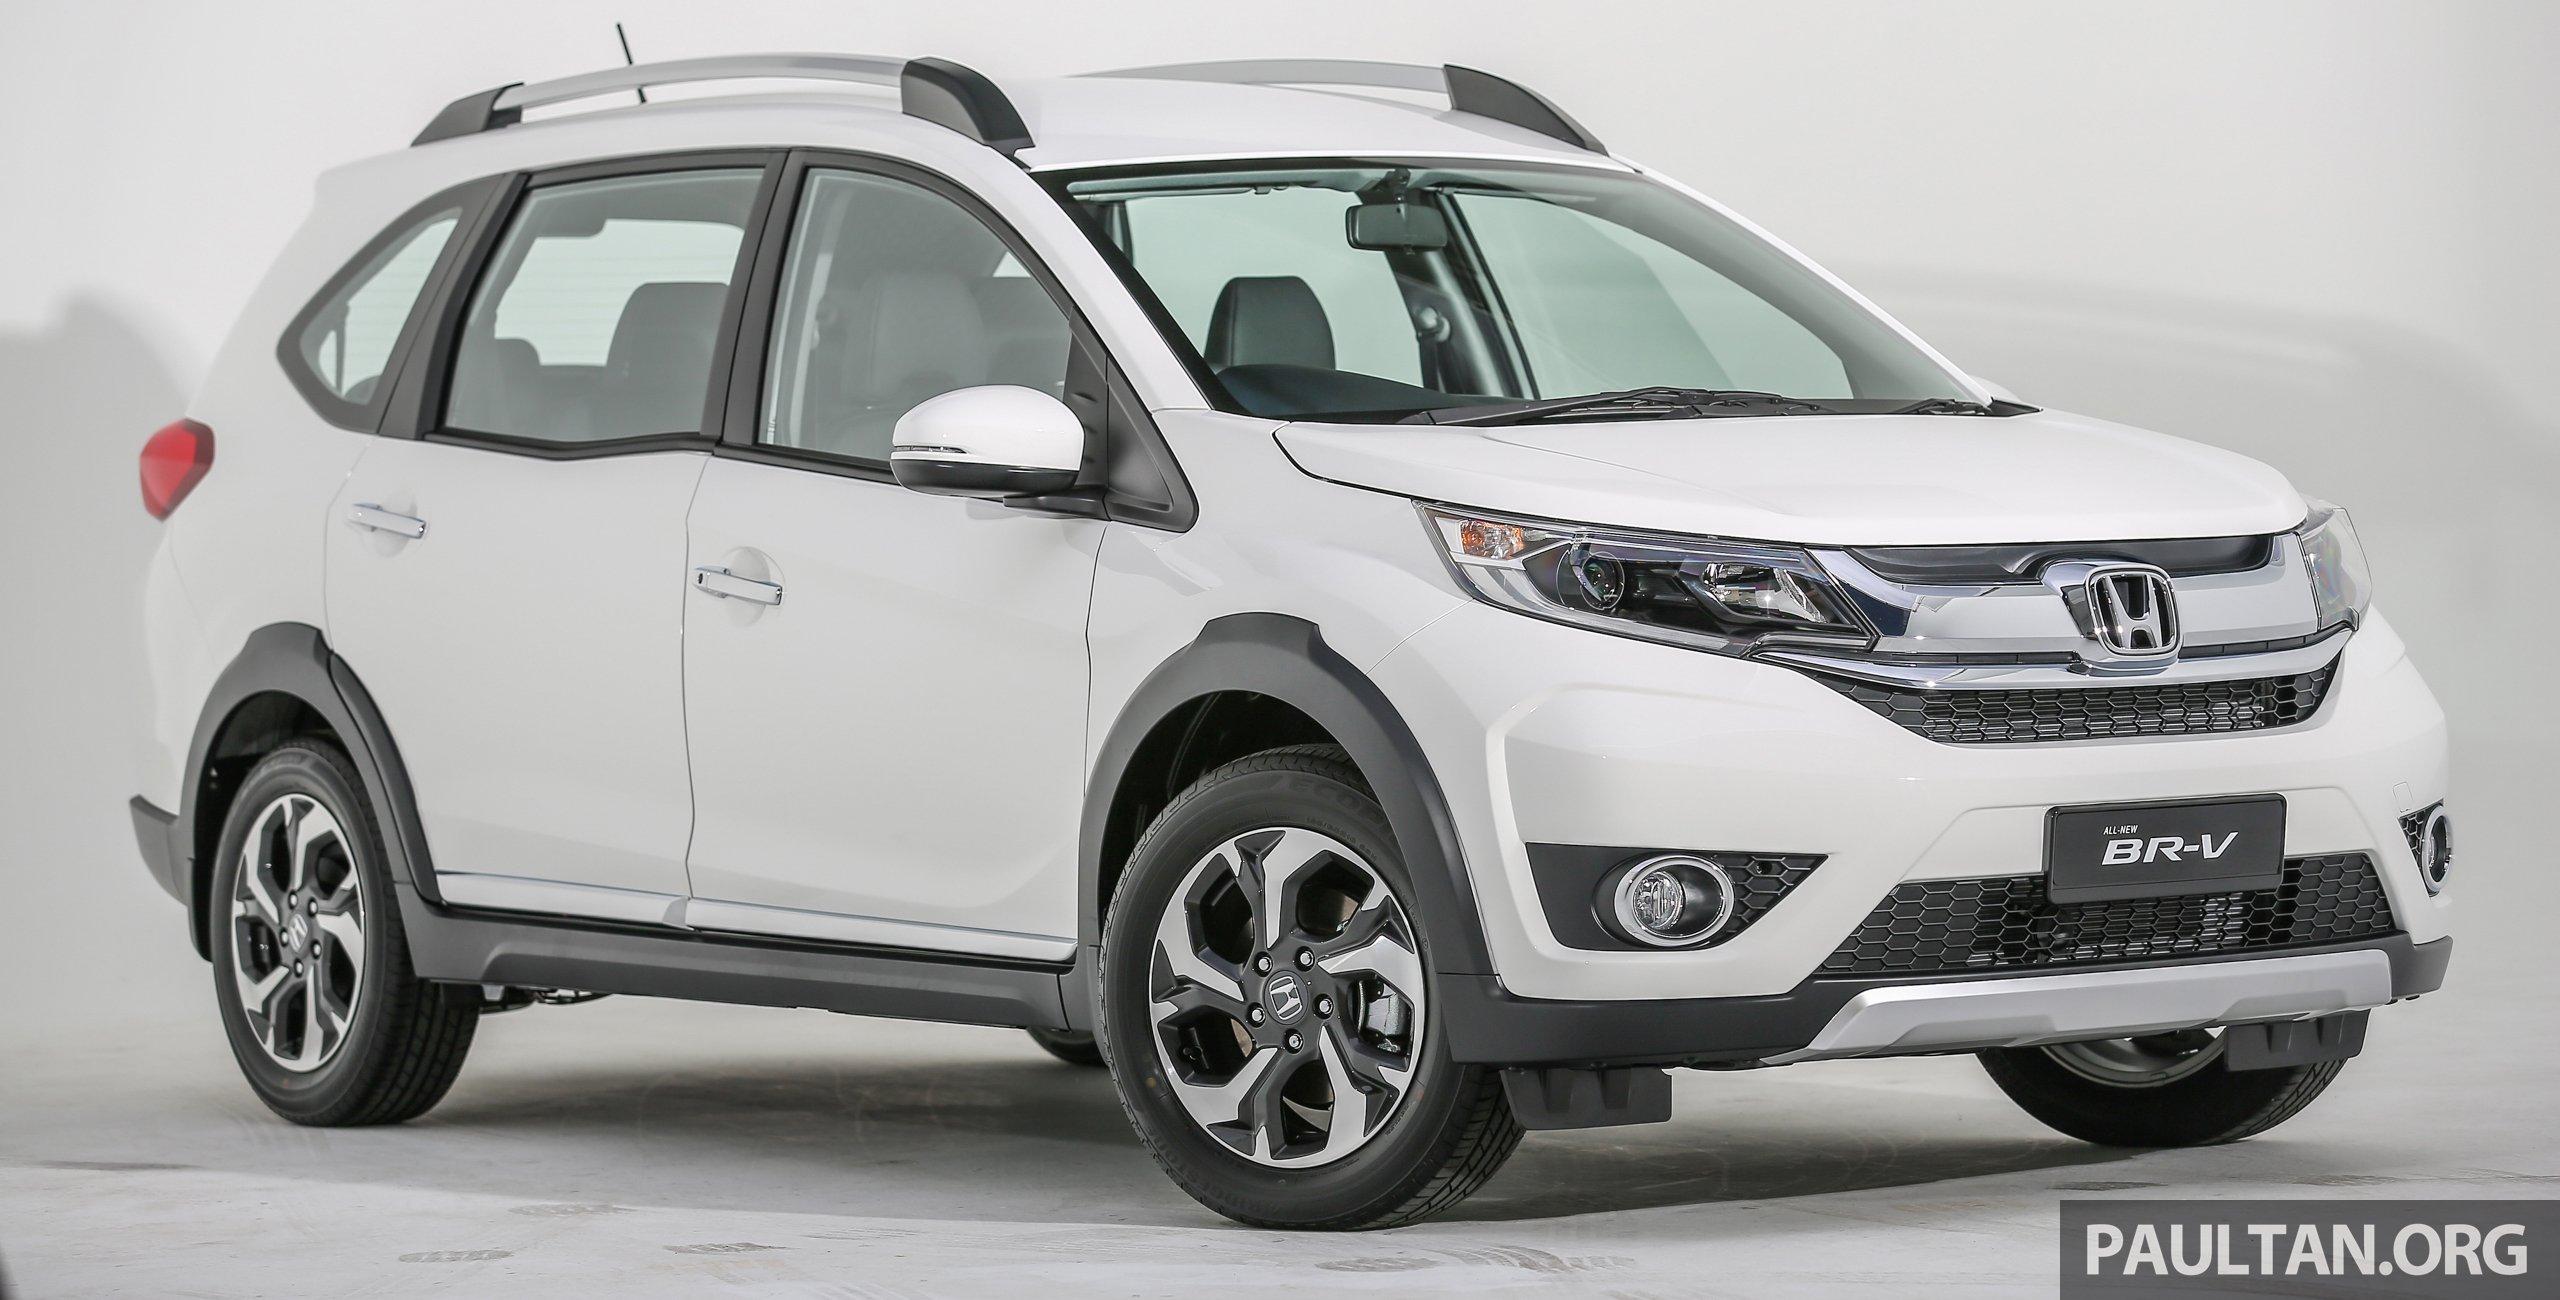 新车图集 Honda Br V 1 5v,集suv和mpv特点于一身。 Honda Br V Ext 4